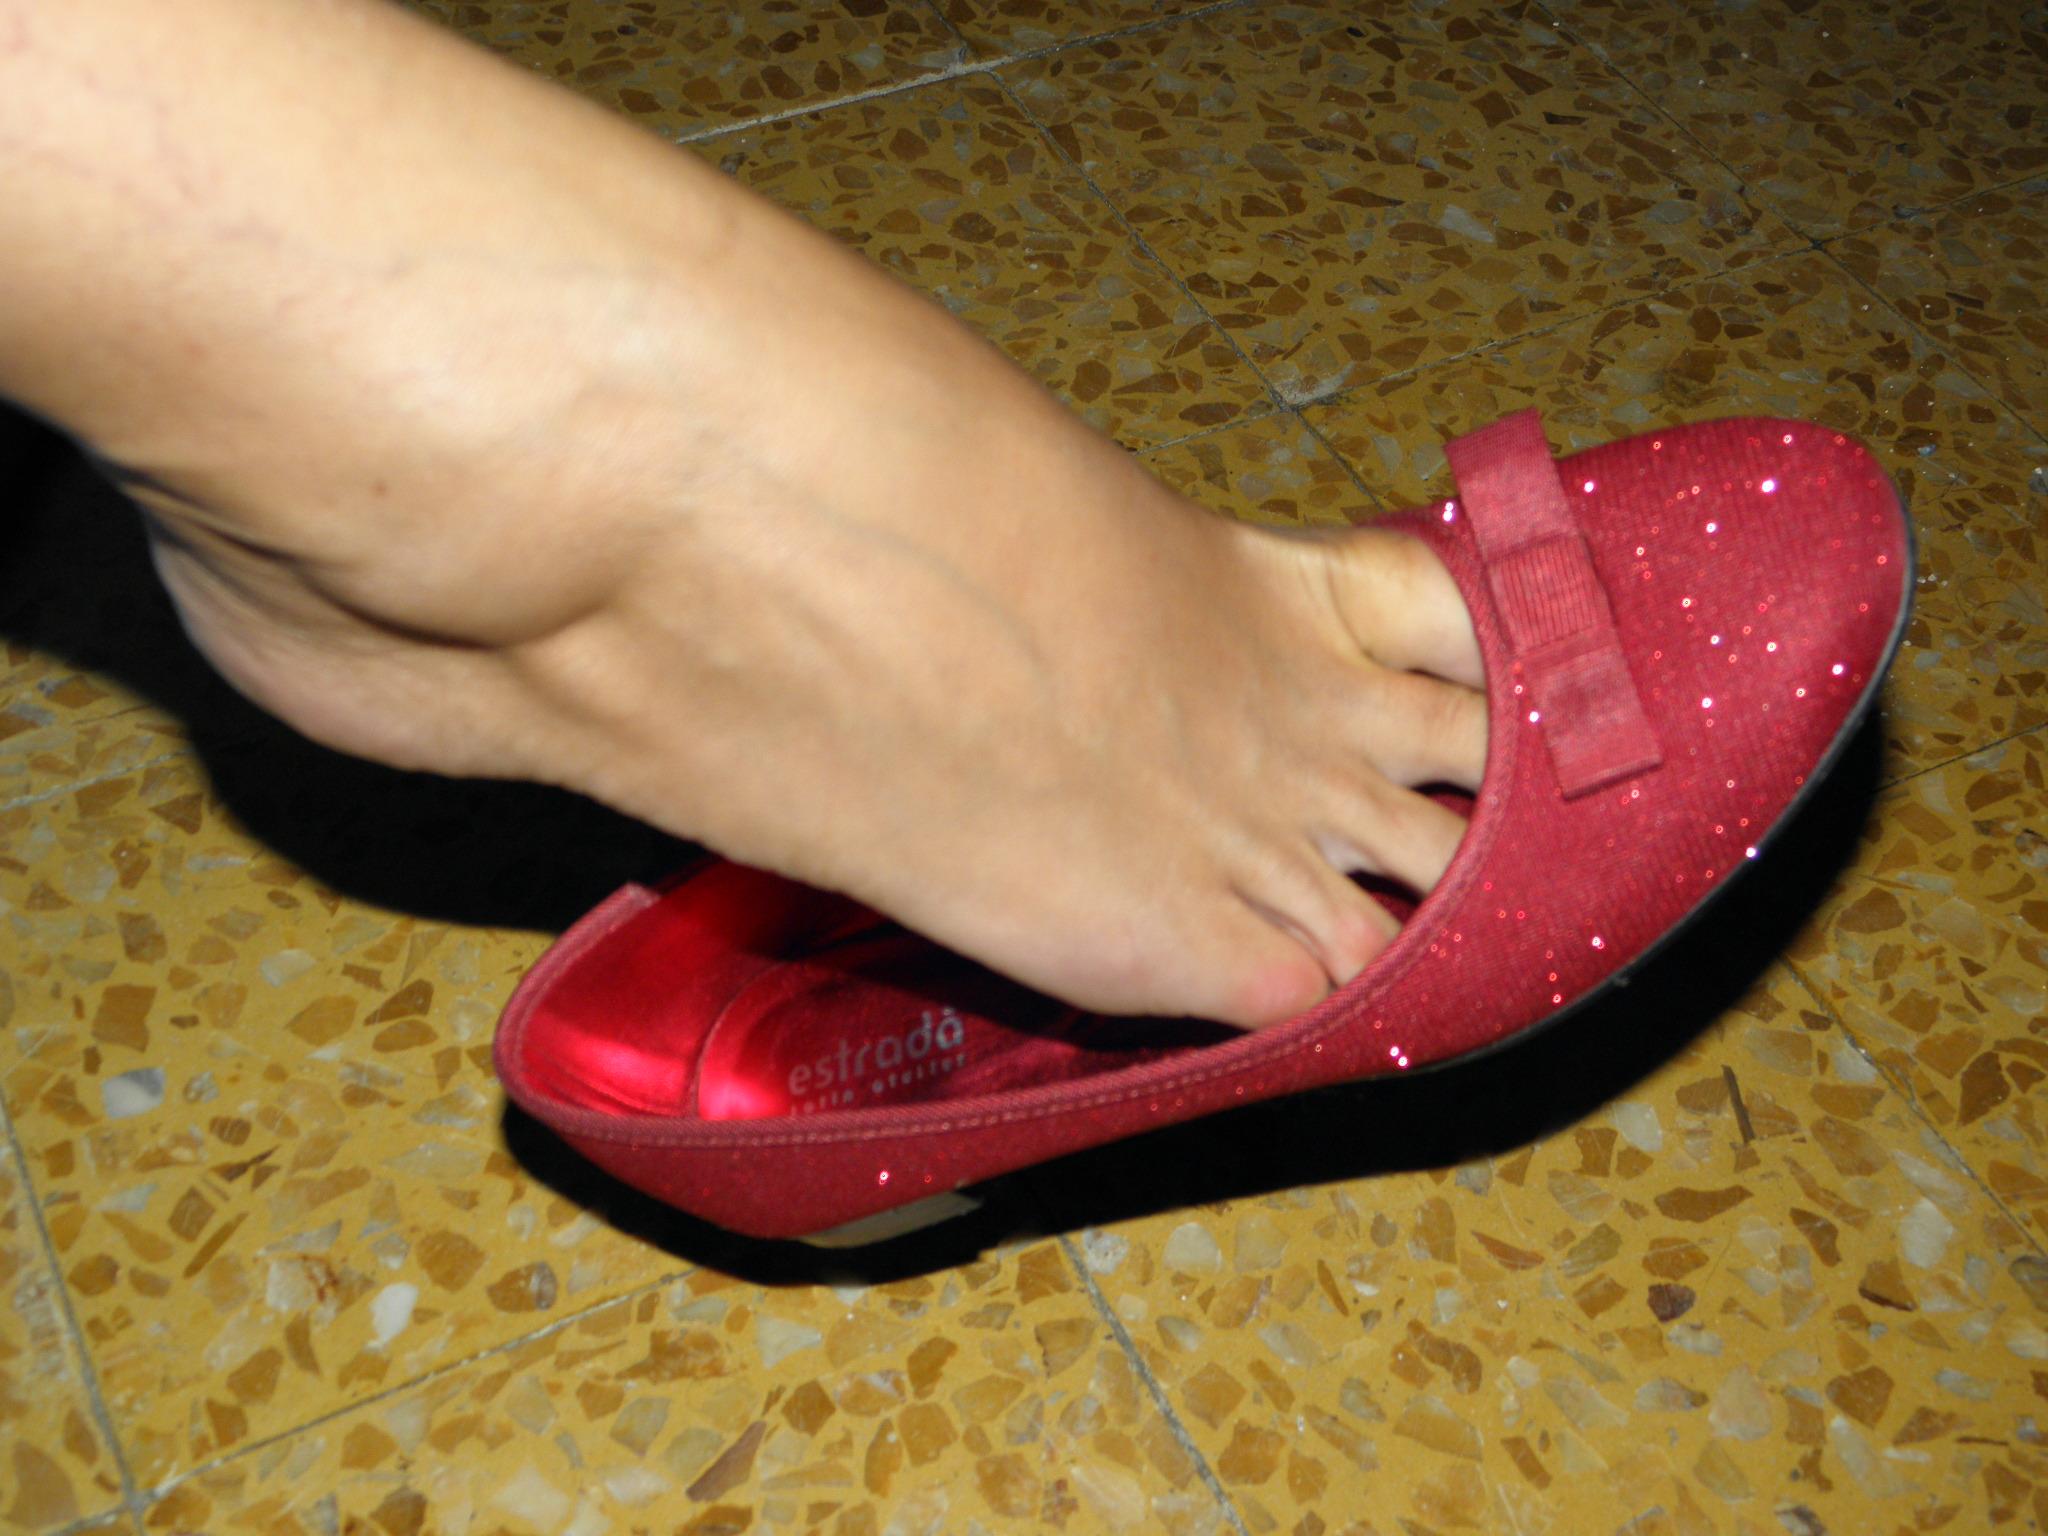 Фетиш стопы туфли фото 9 фотография